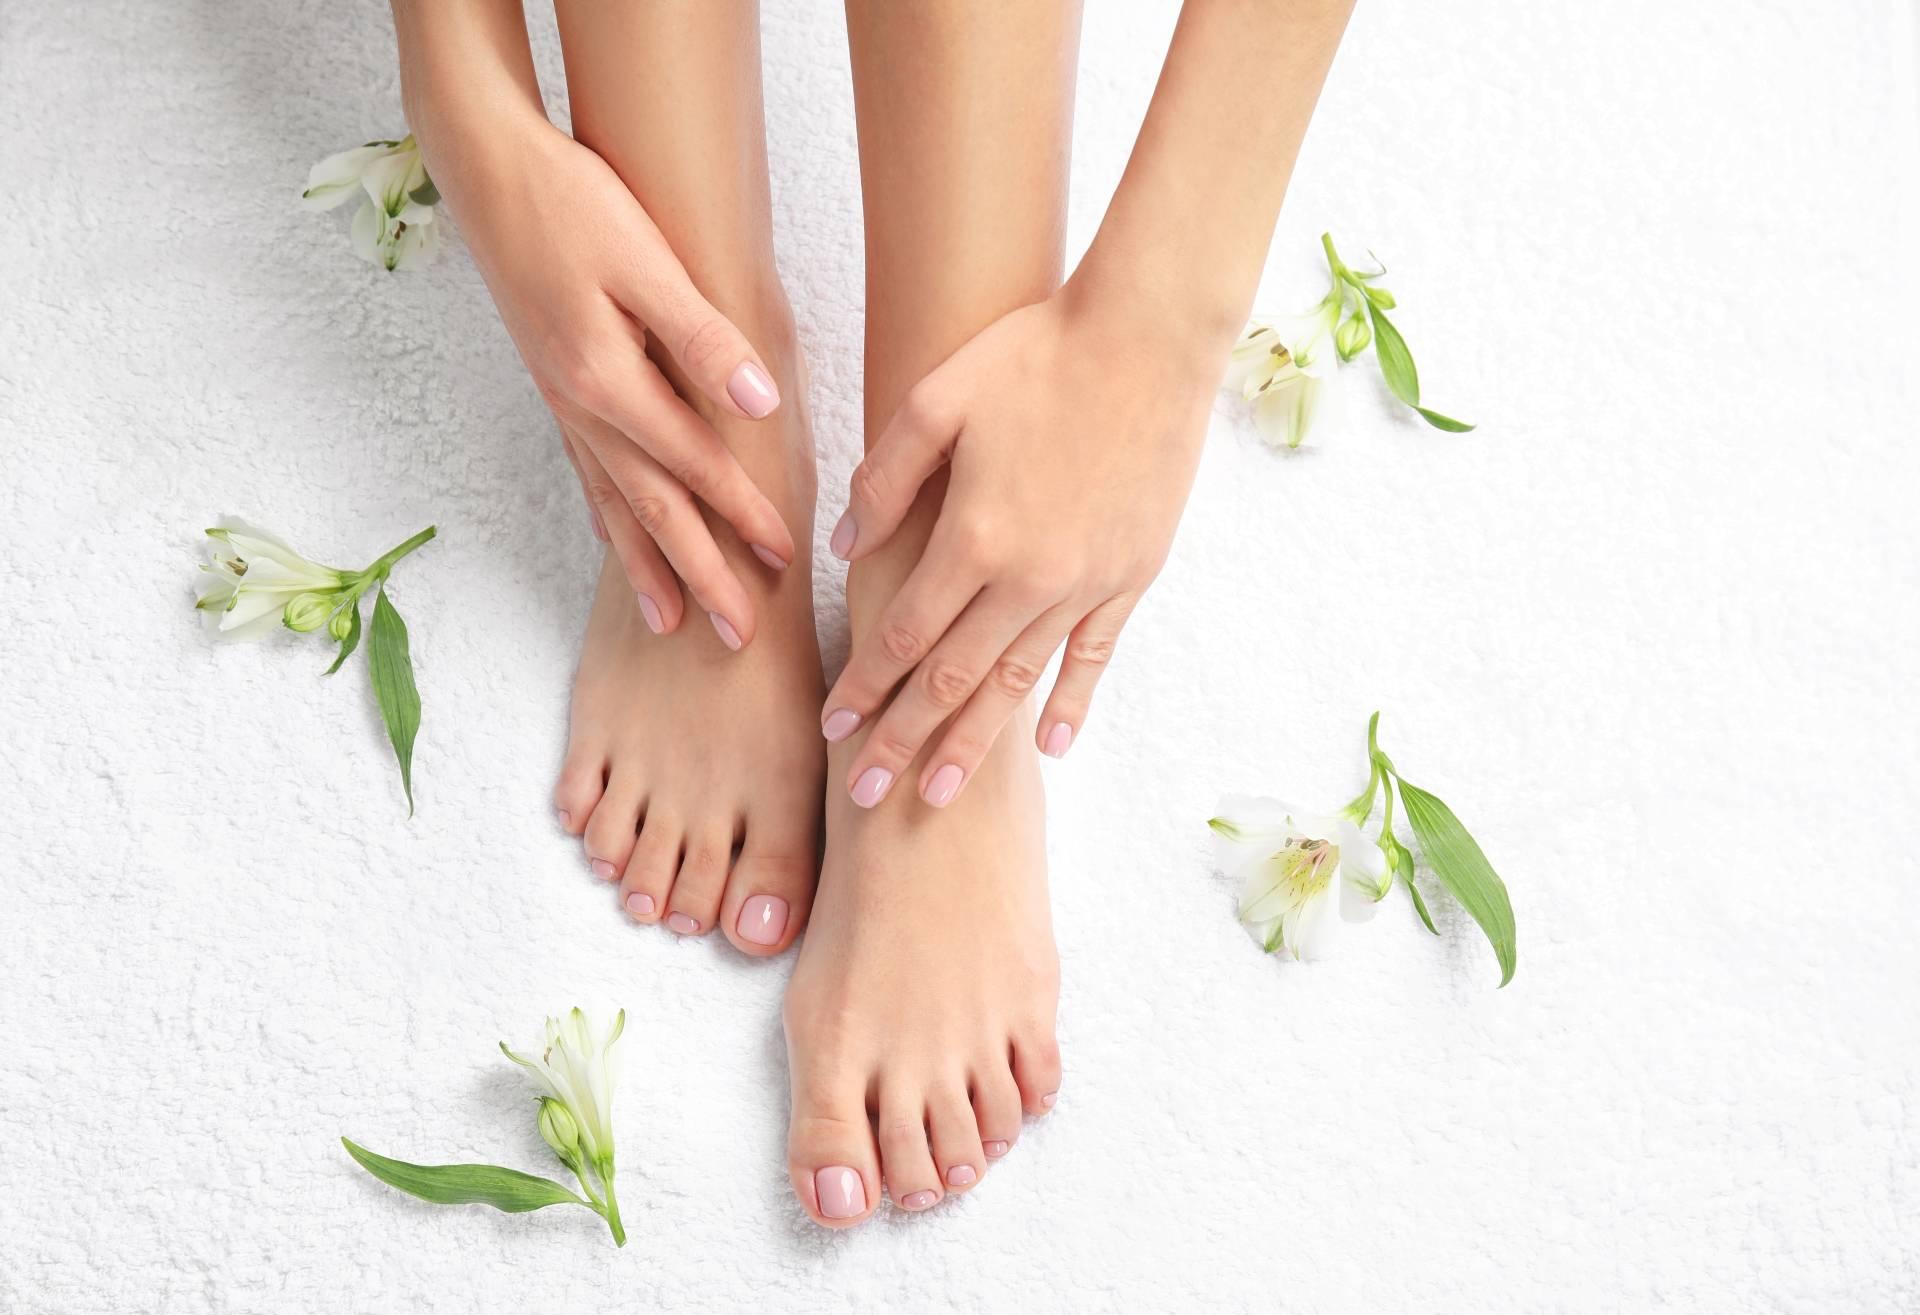 Pękające pięty - jak o zadbać o stopy? Kobieta dotyka rękami swoich wypielęgnowanych stóp. Zbliżenie i widok z góry.